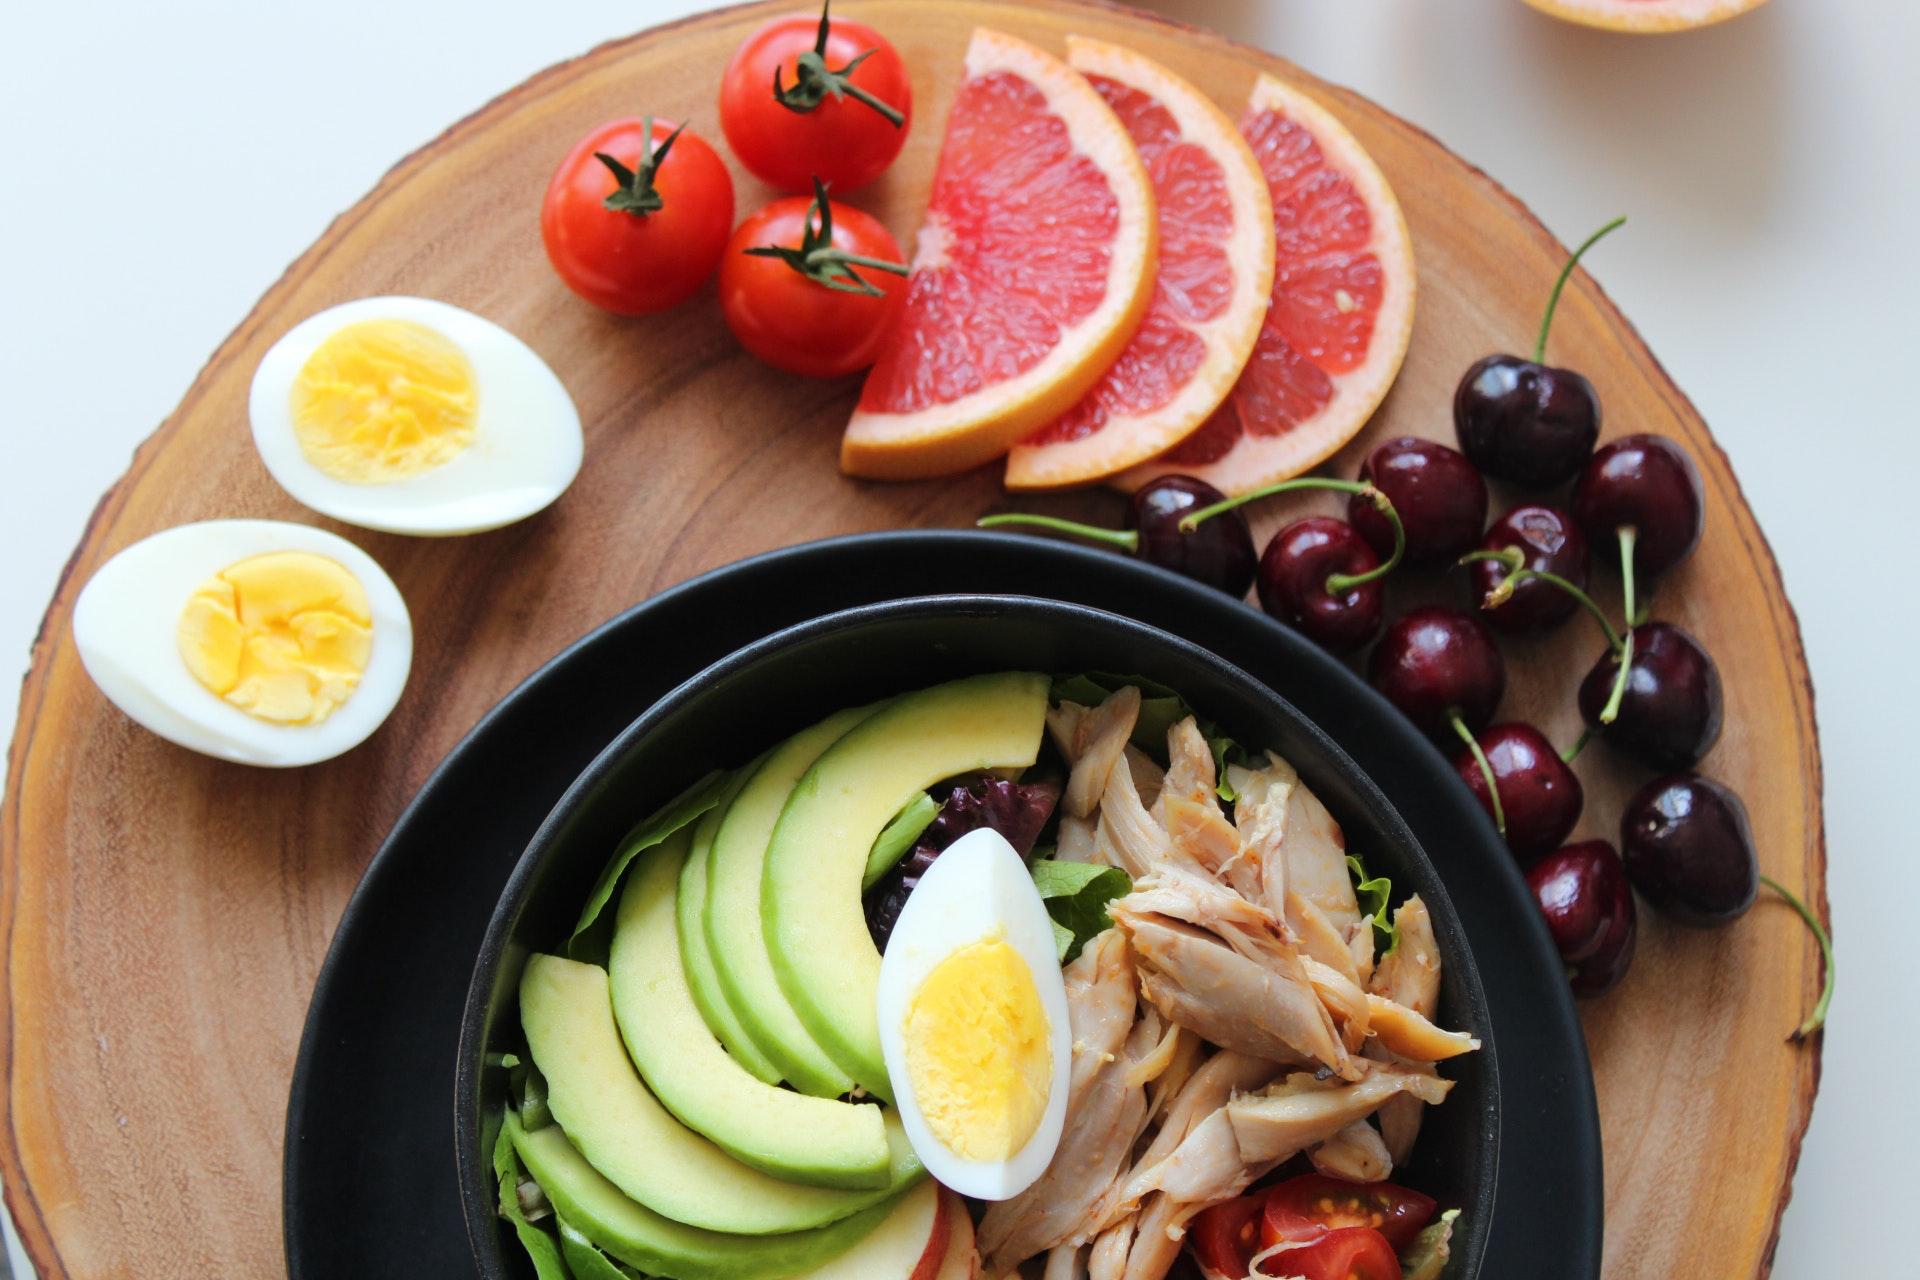 Витамин K снижает на 34% риск развития сердечно-сосудистых заболеваний